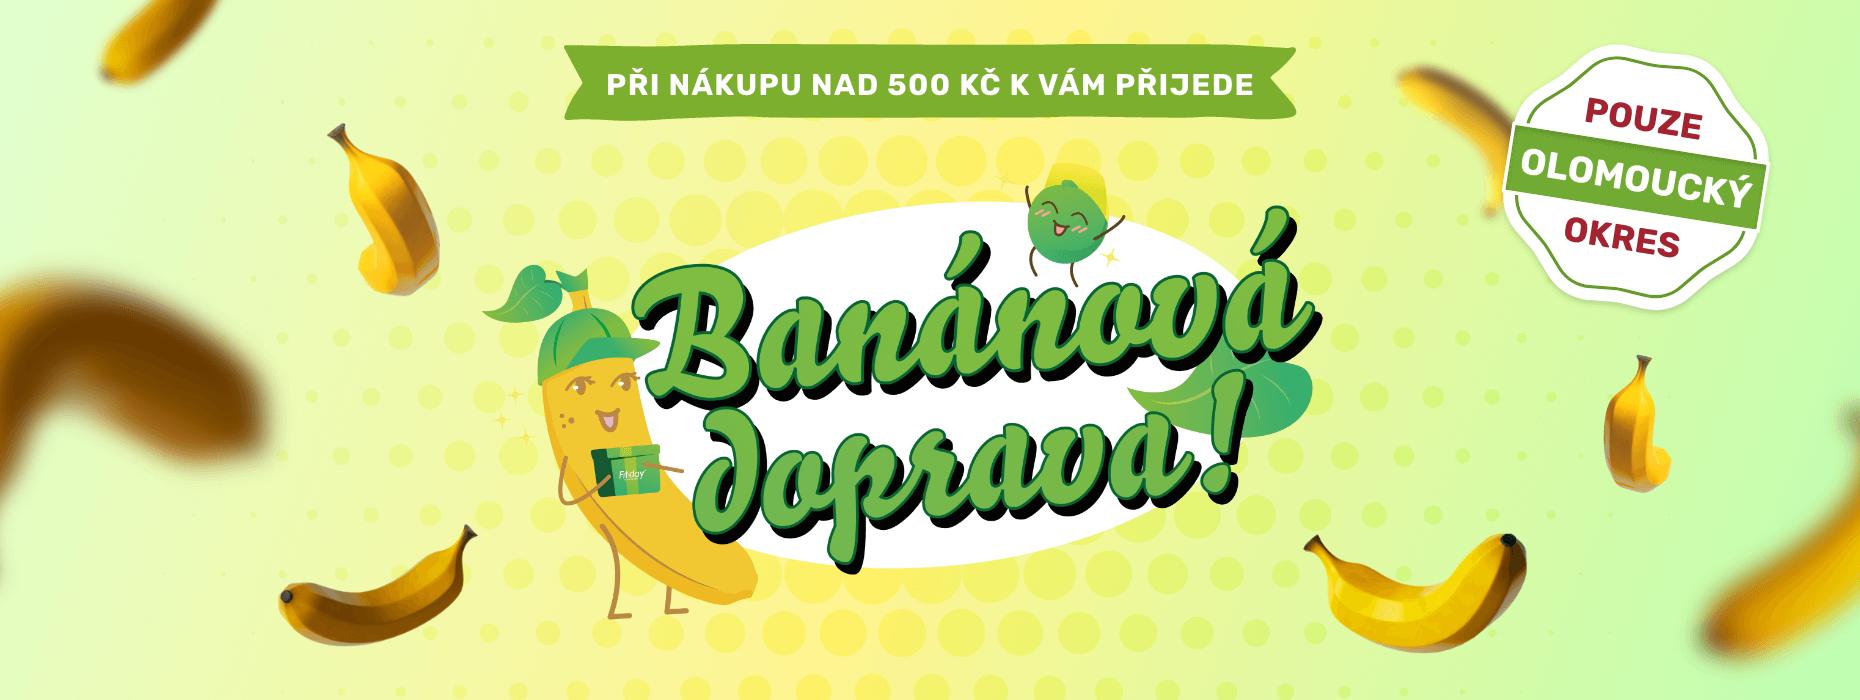 Jsi z okresu Olomouc? Nech si svůj balíček dovézt našim banánovým maskotem zdarma. Stačí nakoupit alespoň za 500 Kč.